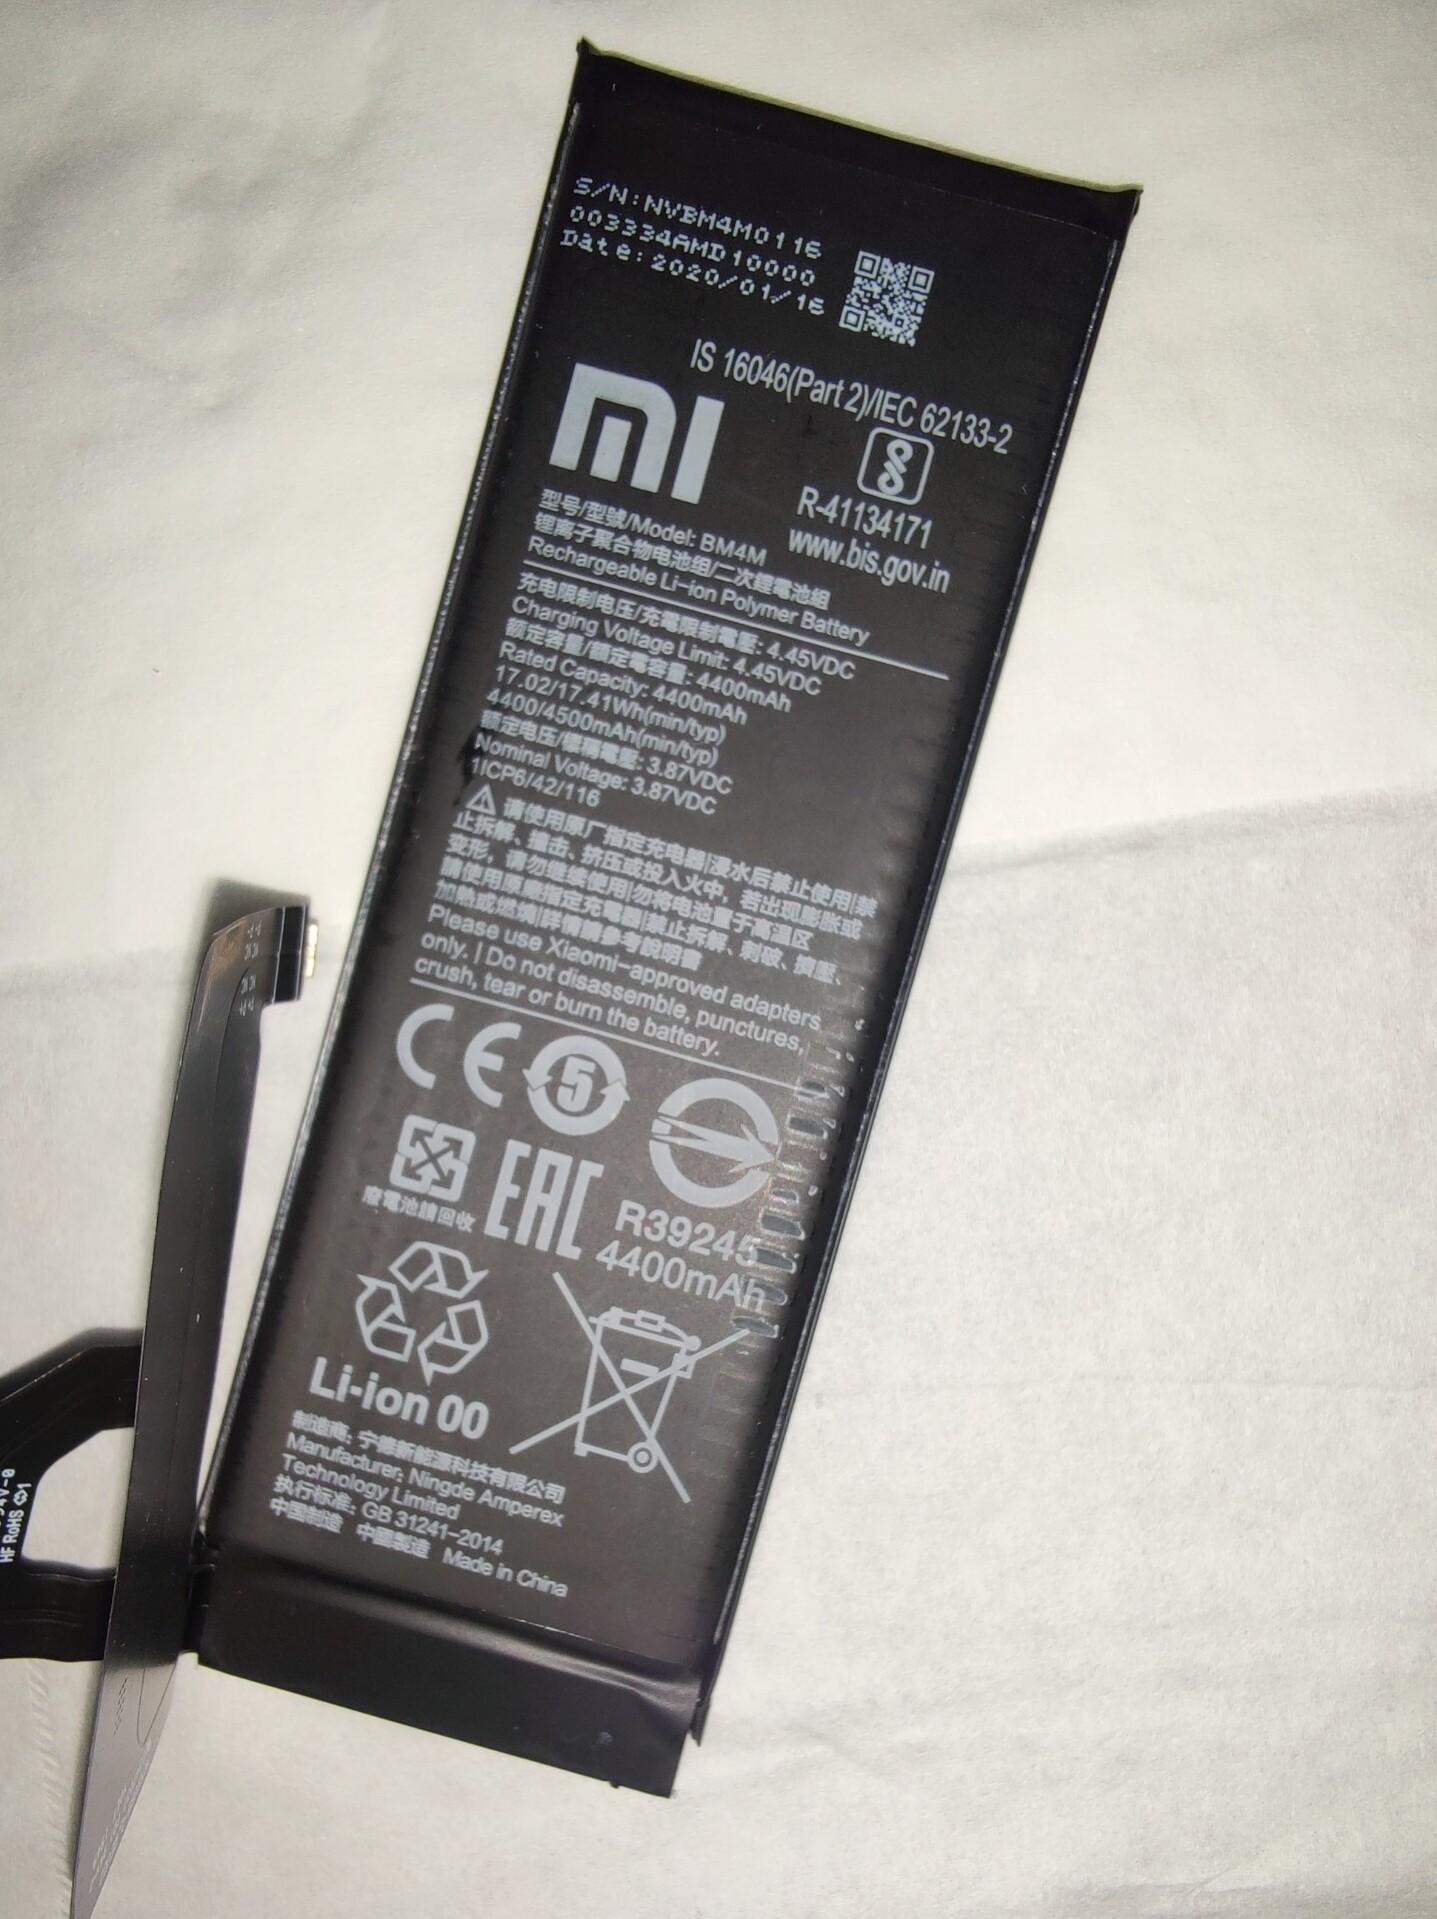 速卖小米10 pro 原装拆机电池 仅限一块包邮全球!